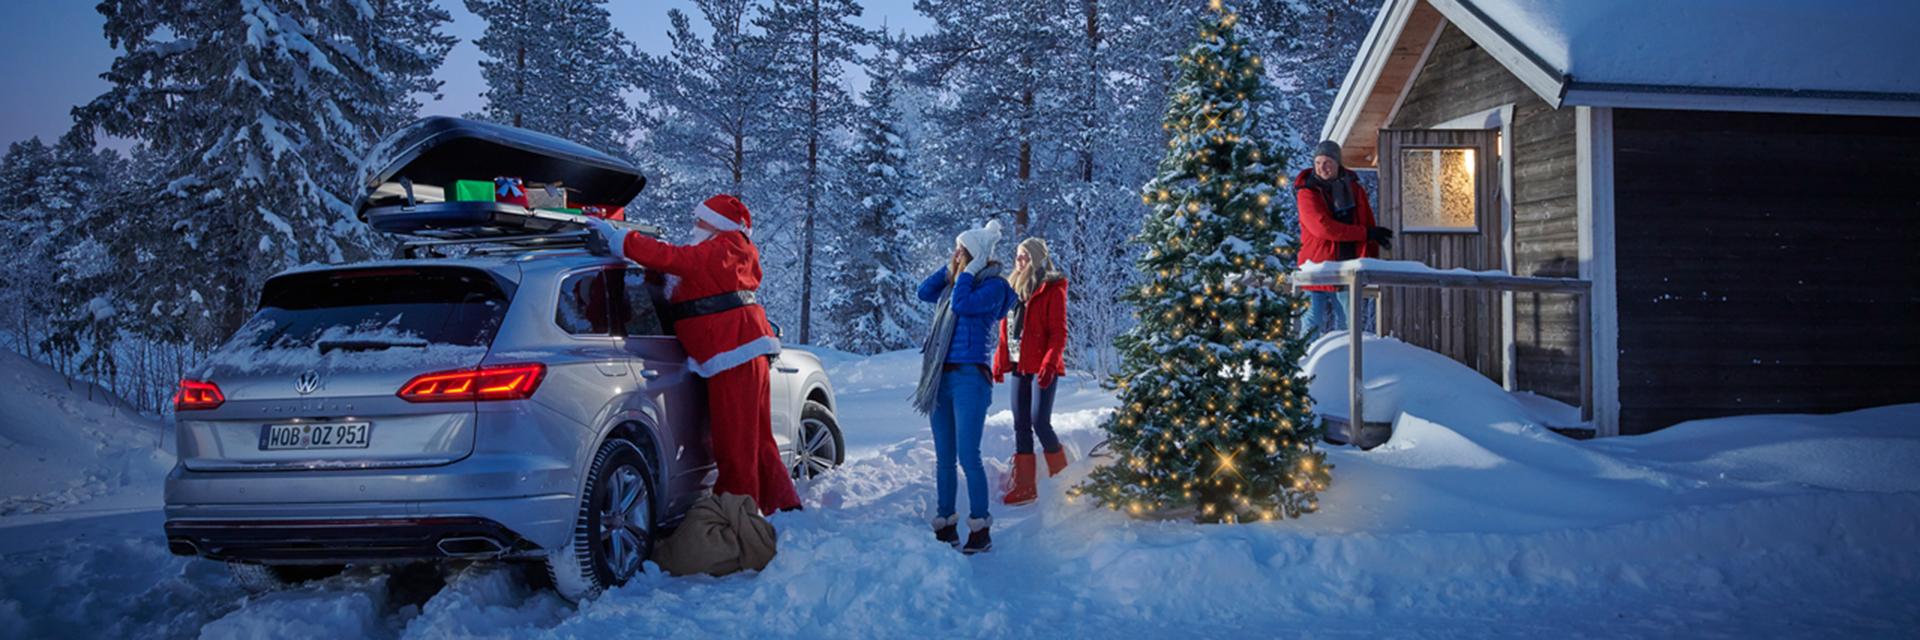 Joululahjavinkkejä Käyttöautosta